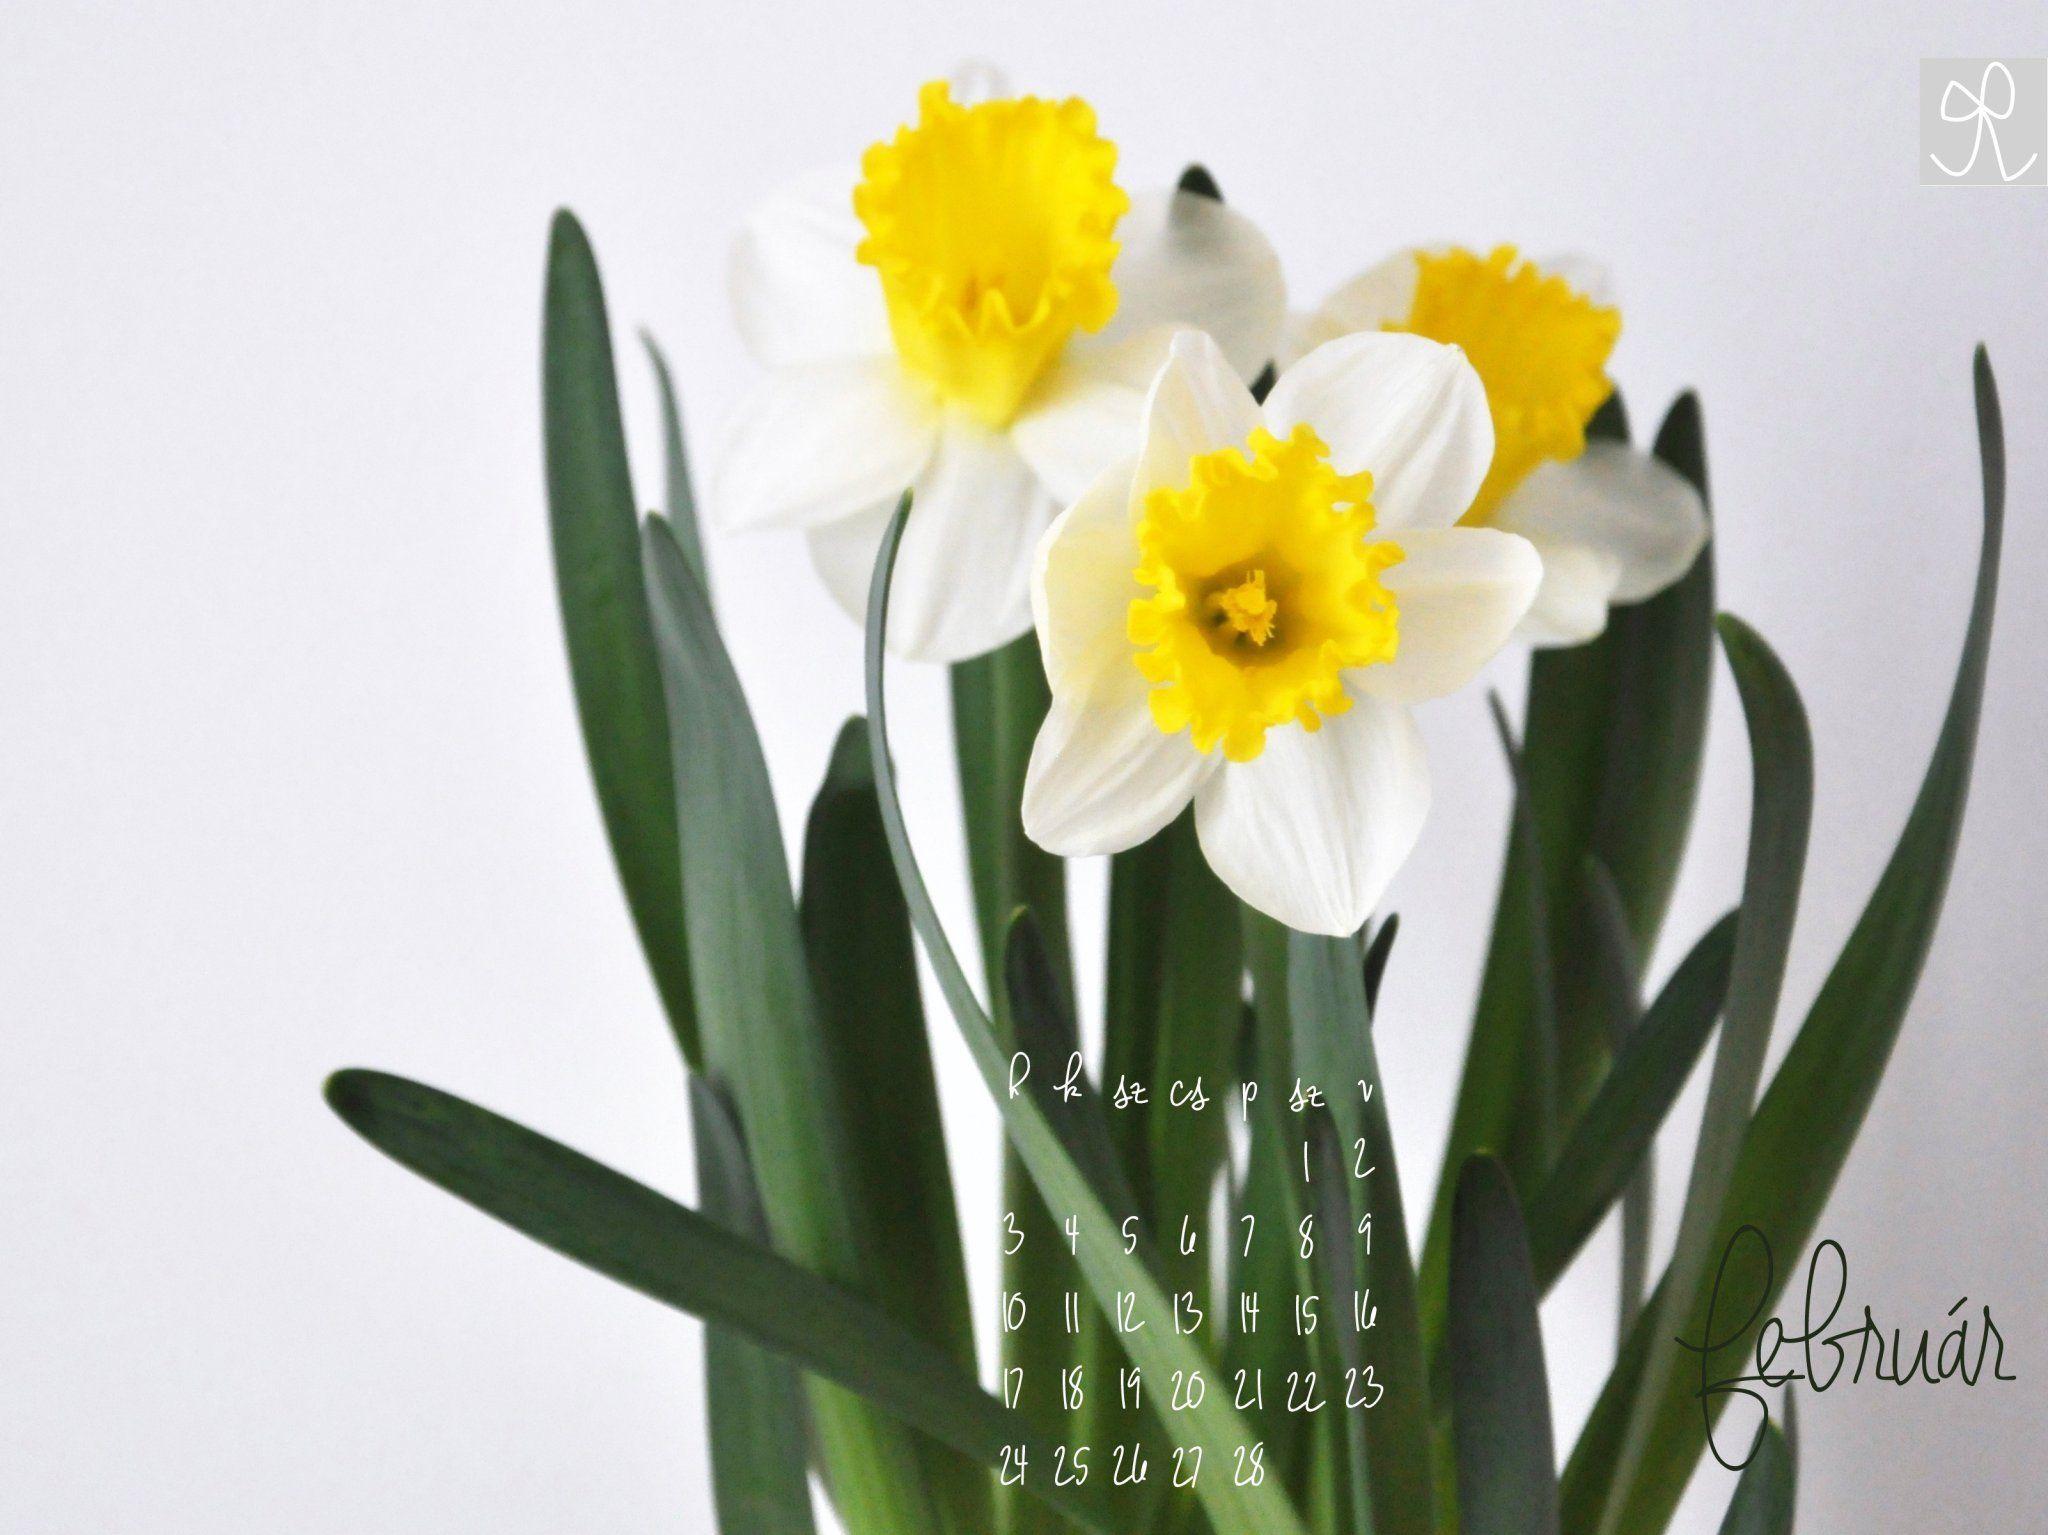 júniusi háttérképek naptár Februári háttérképeink | Pics & Backgrounds | Pinterest júniusi háttérképek naptár